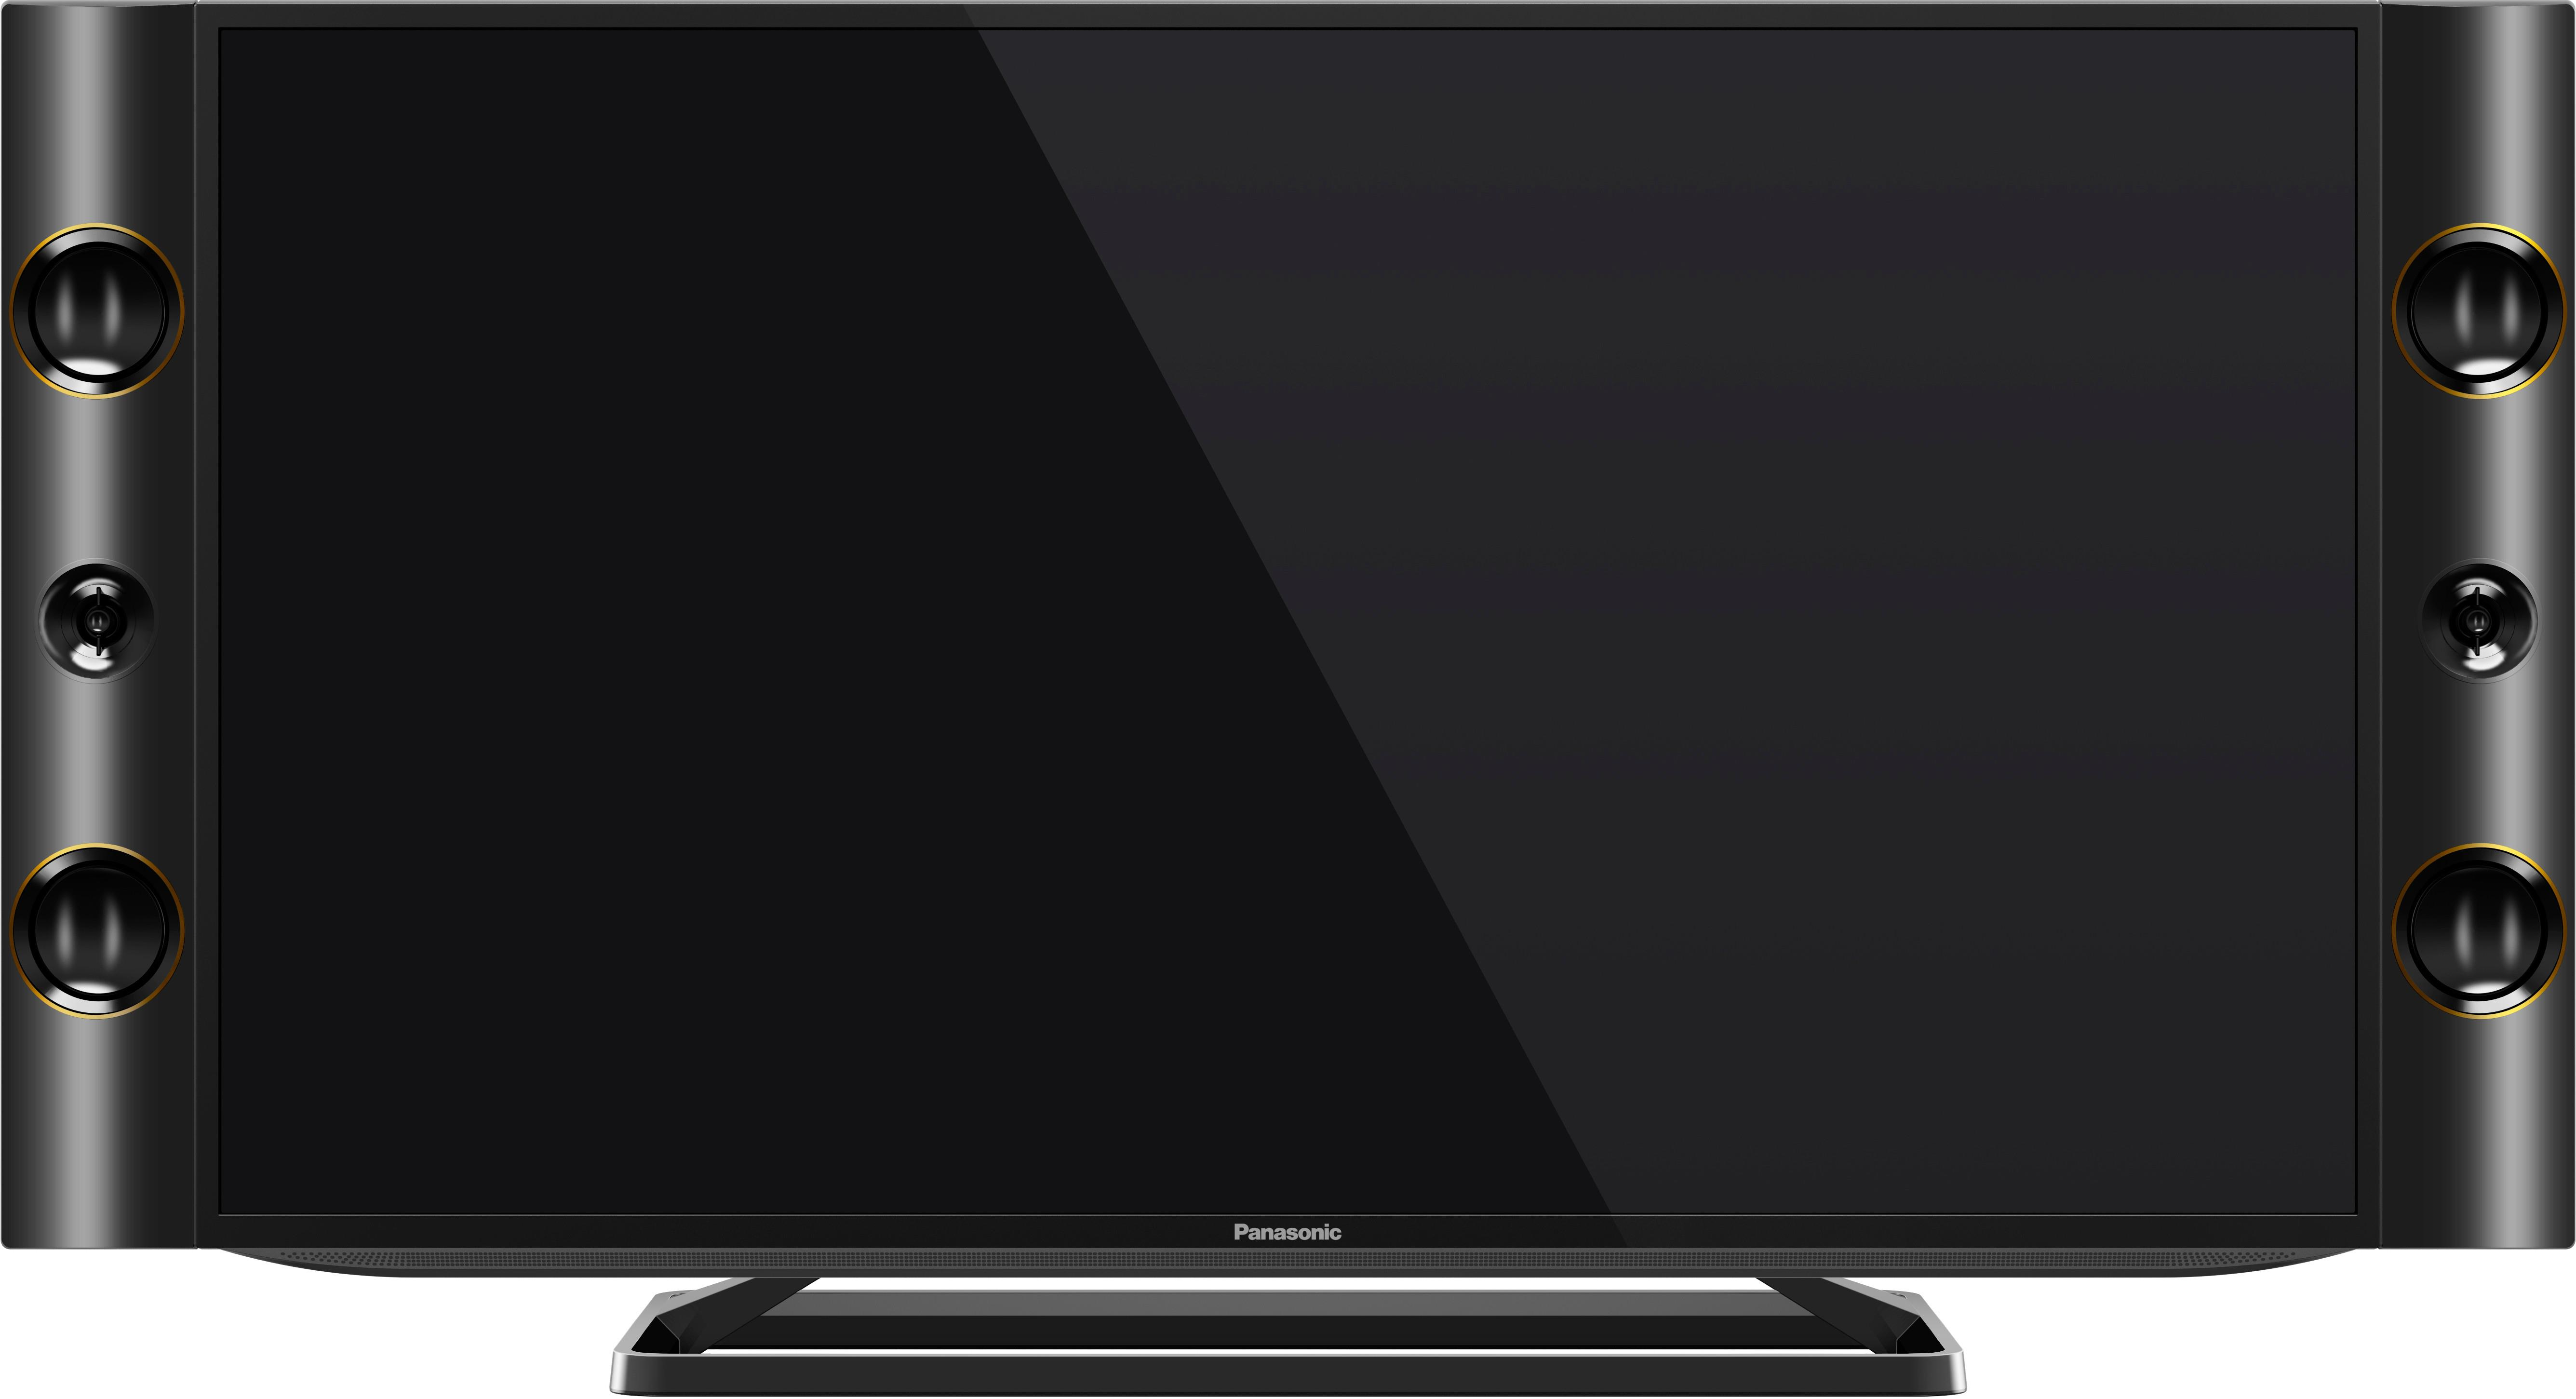 Panasonic TH-L40SV70D 100 cm (40) LED TV (Full HD) Image